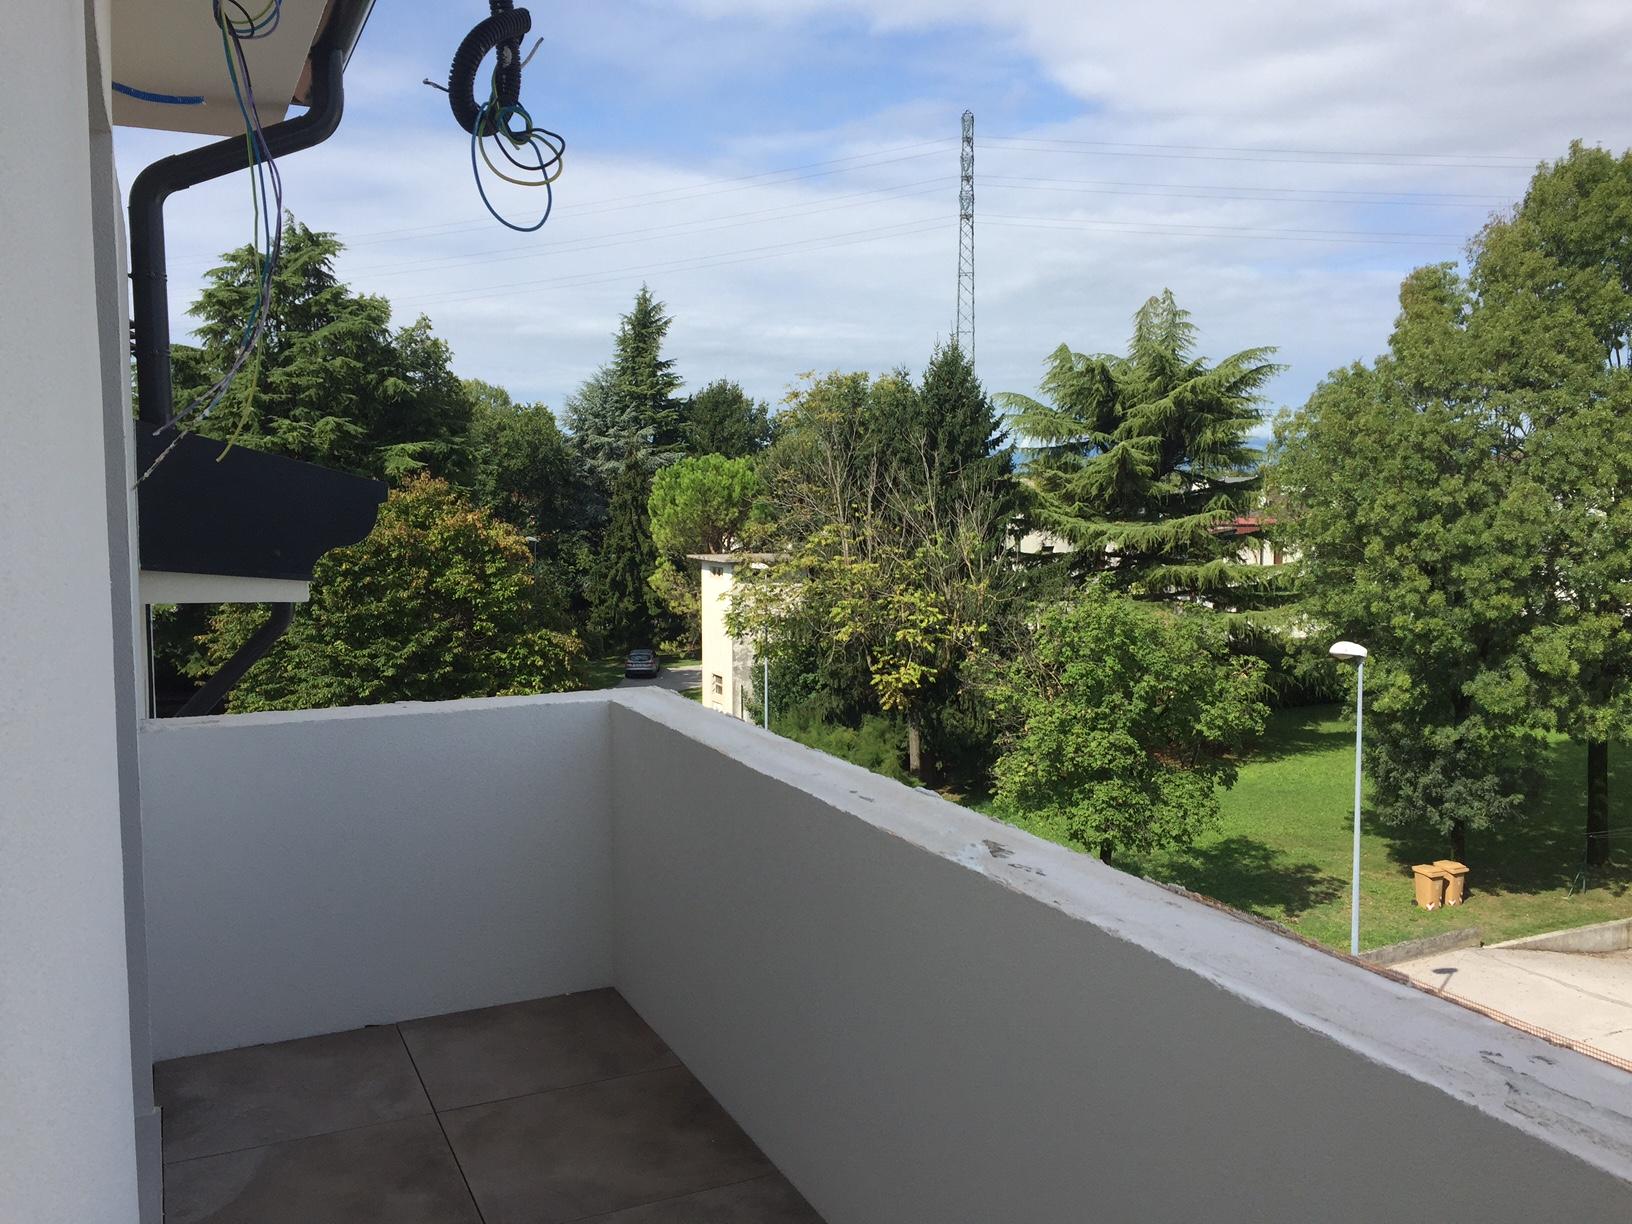 Appartamento in vendita a Carbonera, 5 locali, zona Località: Centro, prezzo € 170.000 | CambioCasa.it